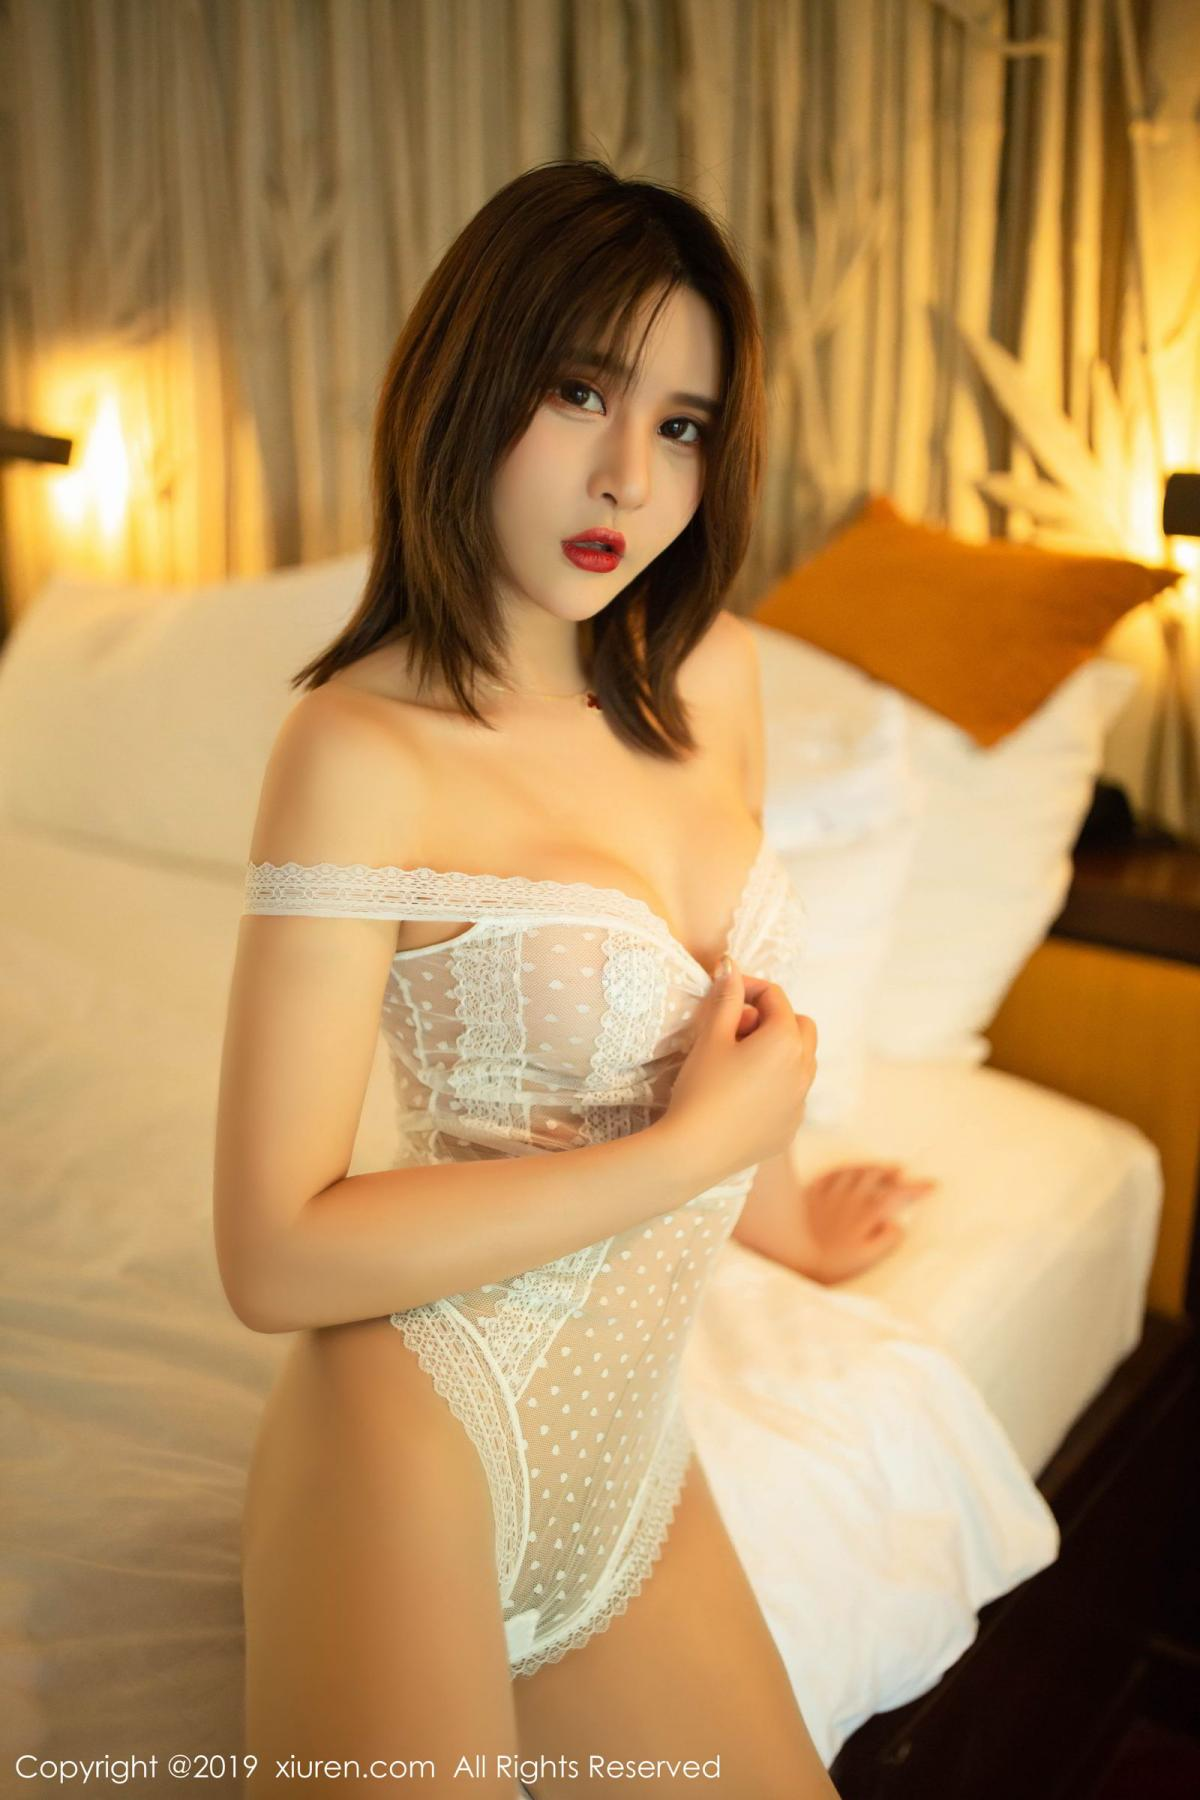 [XiuRen] Vol.1479 Solo Yi Fei 18P, Solo Yi Fei, Xiuren